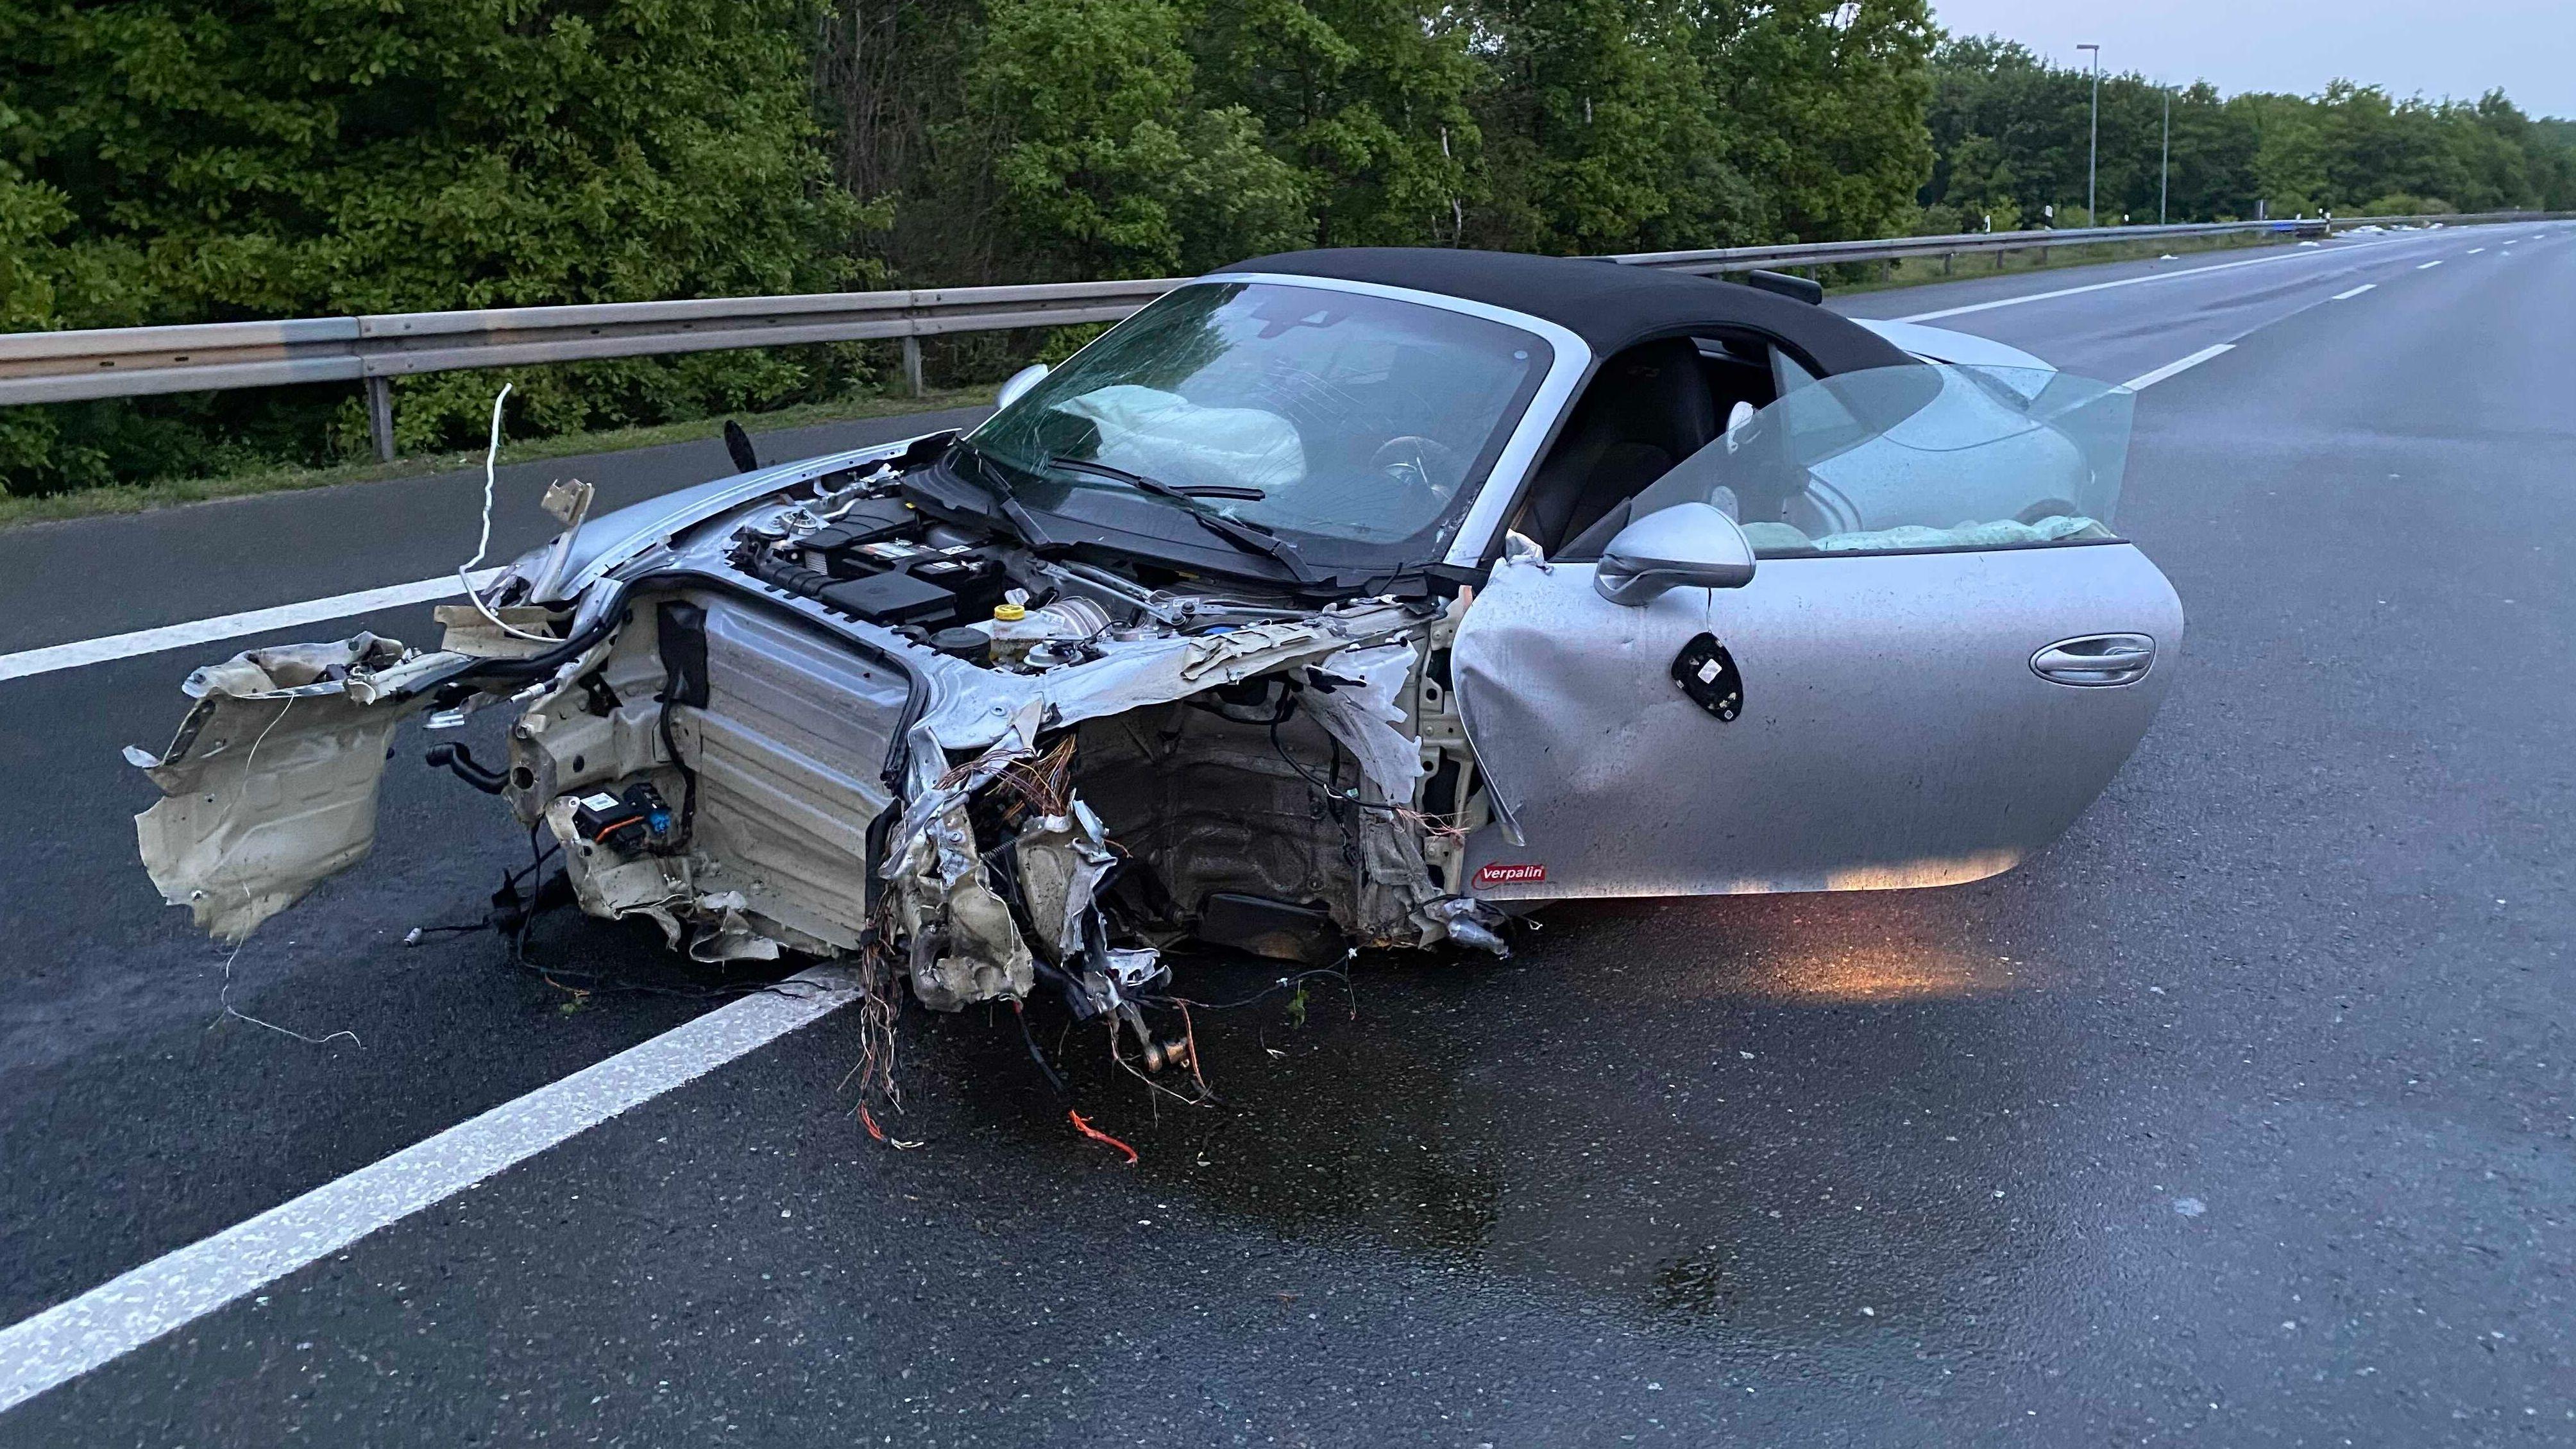 Ein nach einem Unfall völlig zerstörter Porsche steht auf der Fahrbahn.